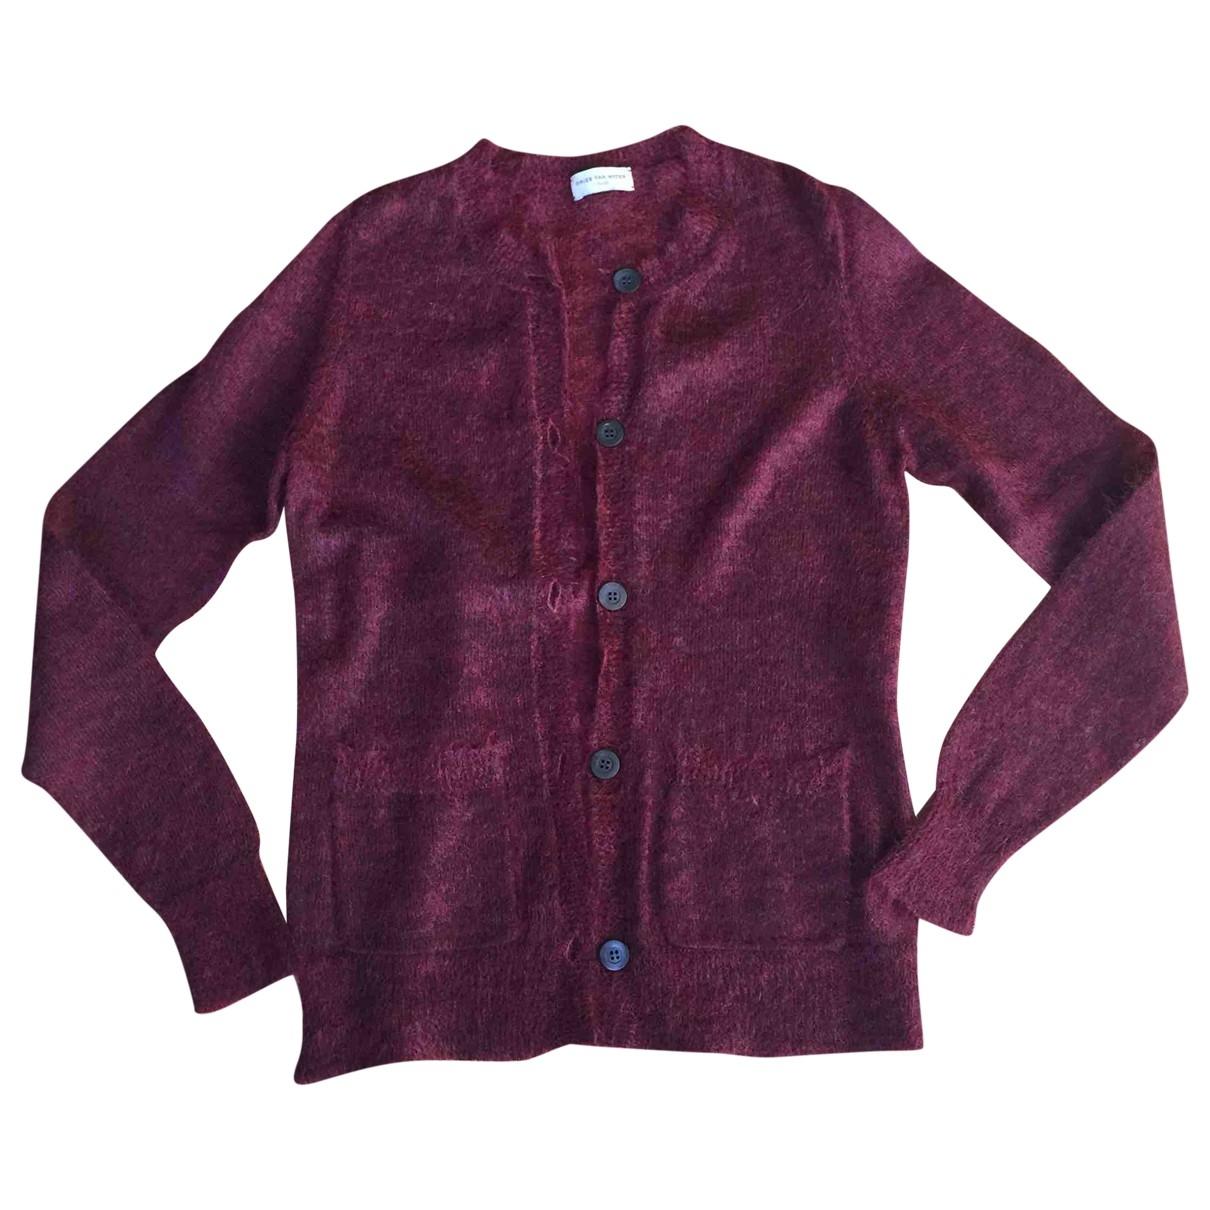 Dries Van Noten - Pull   pour femme en laine - bordeaux